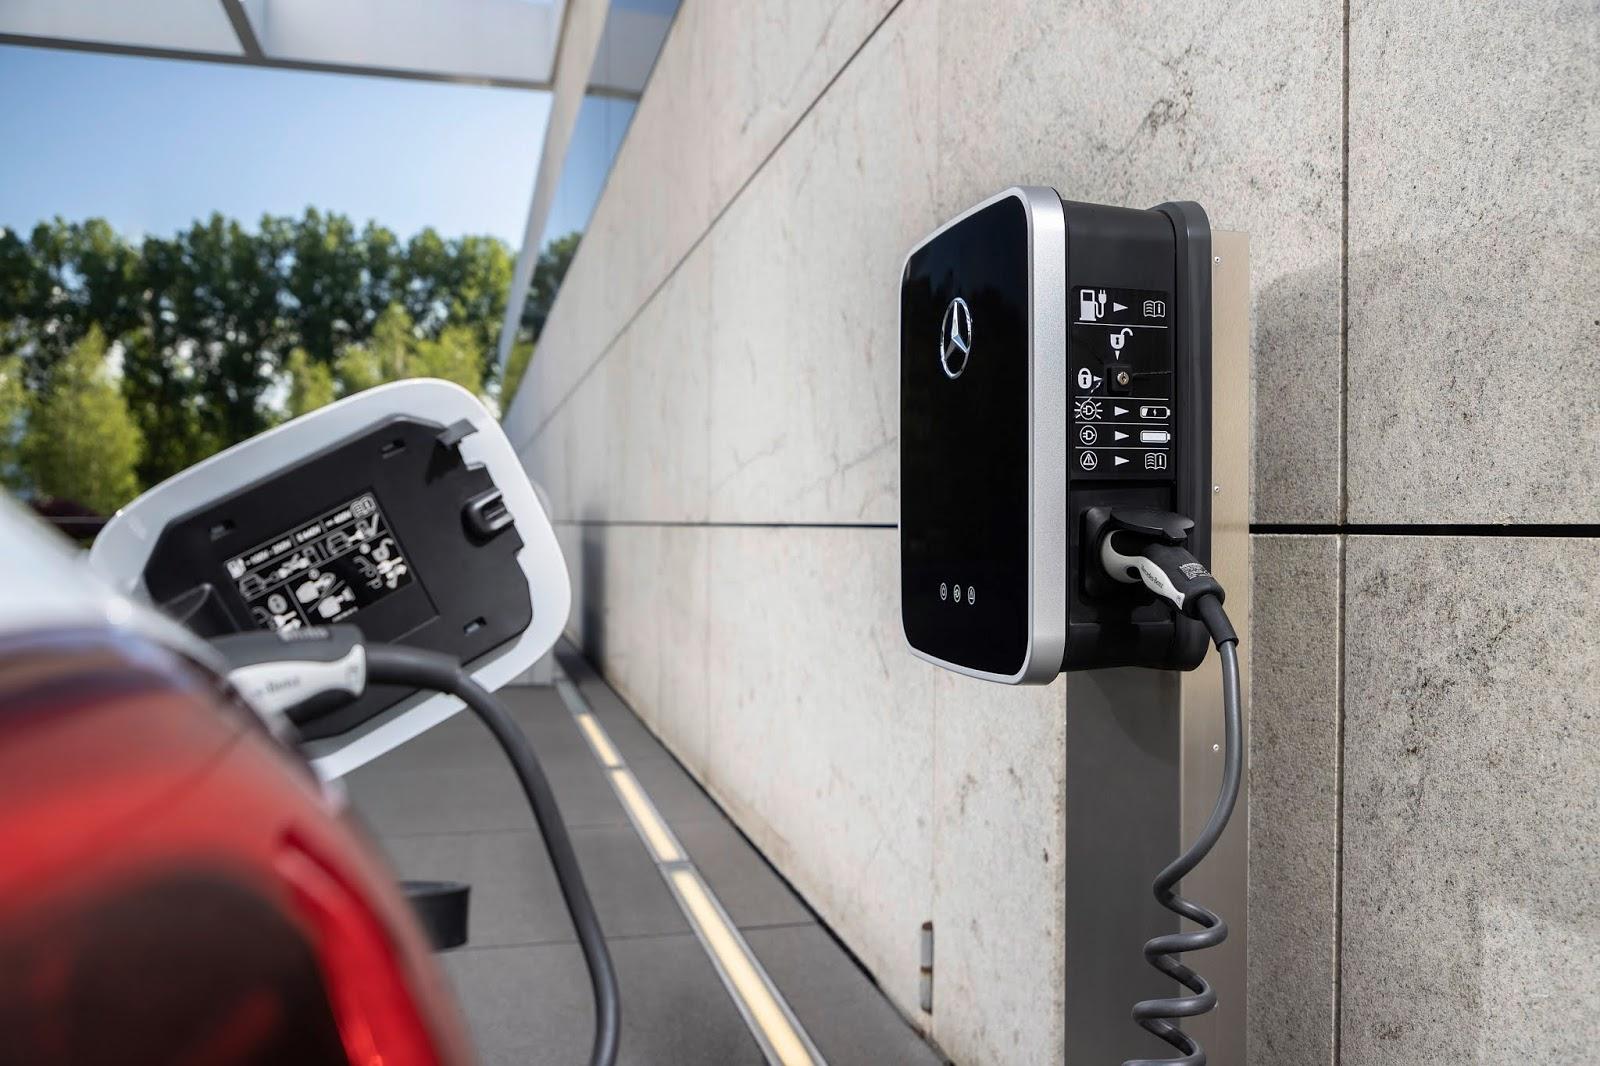 20C0351 001 Mercedes EQ Power : Τα Plug-in hybrid προσφέρουν τα οφέλη της ηλεκτροκίνησης, στις καθημερινές μετακινήσεις